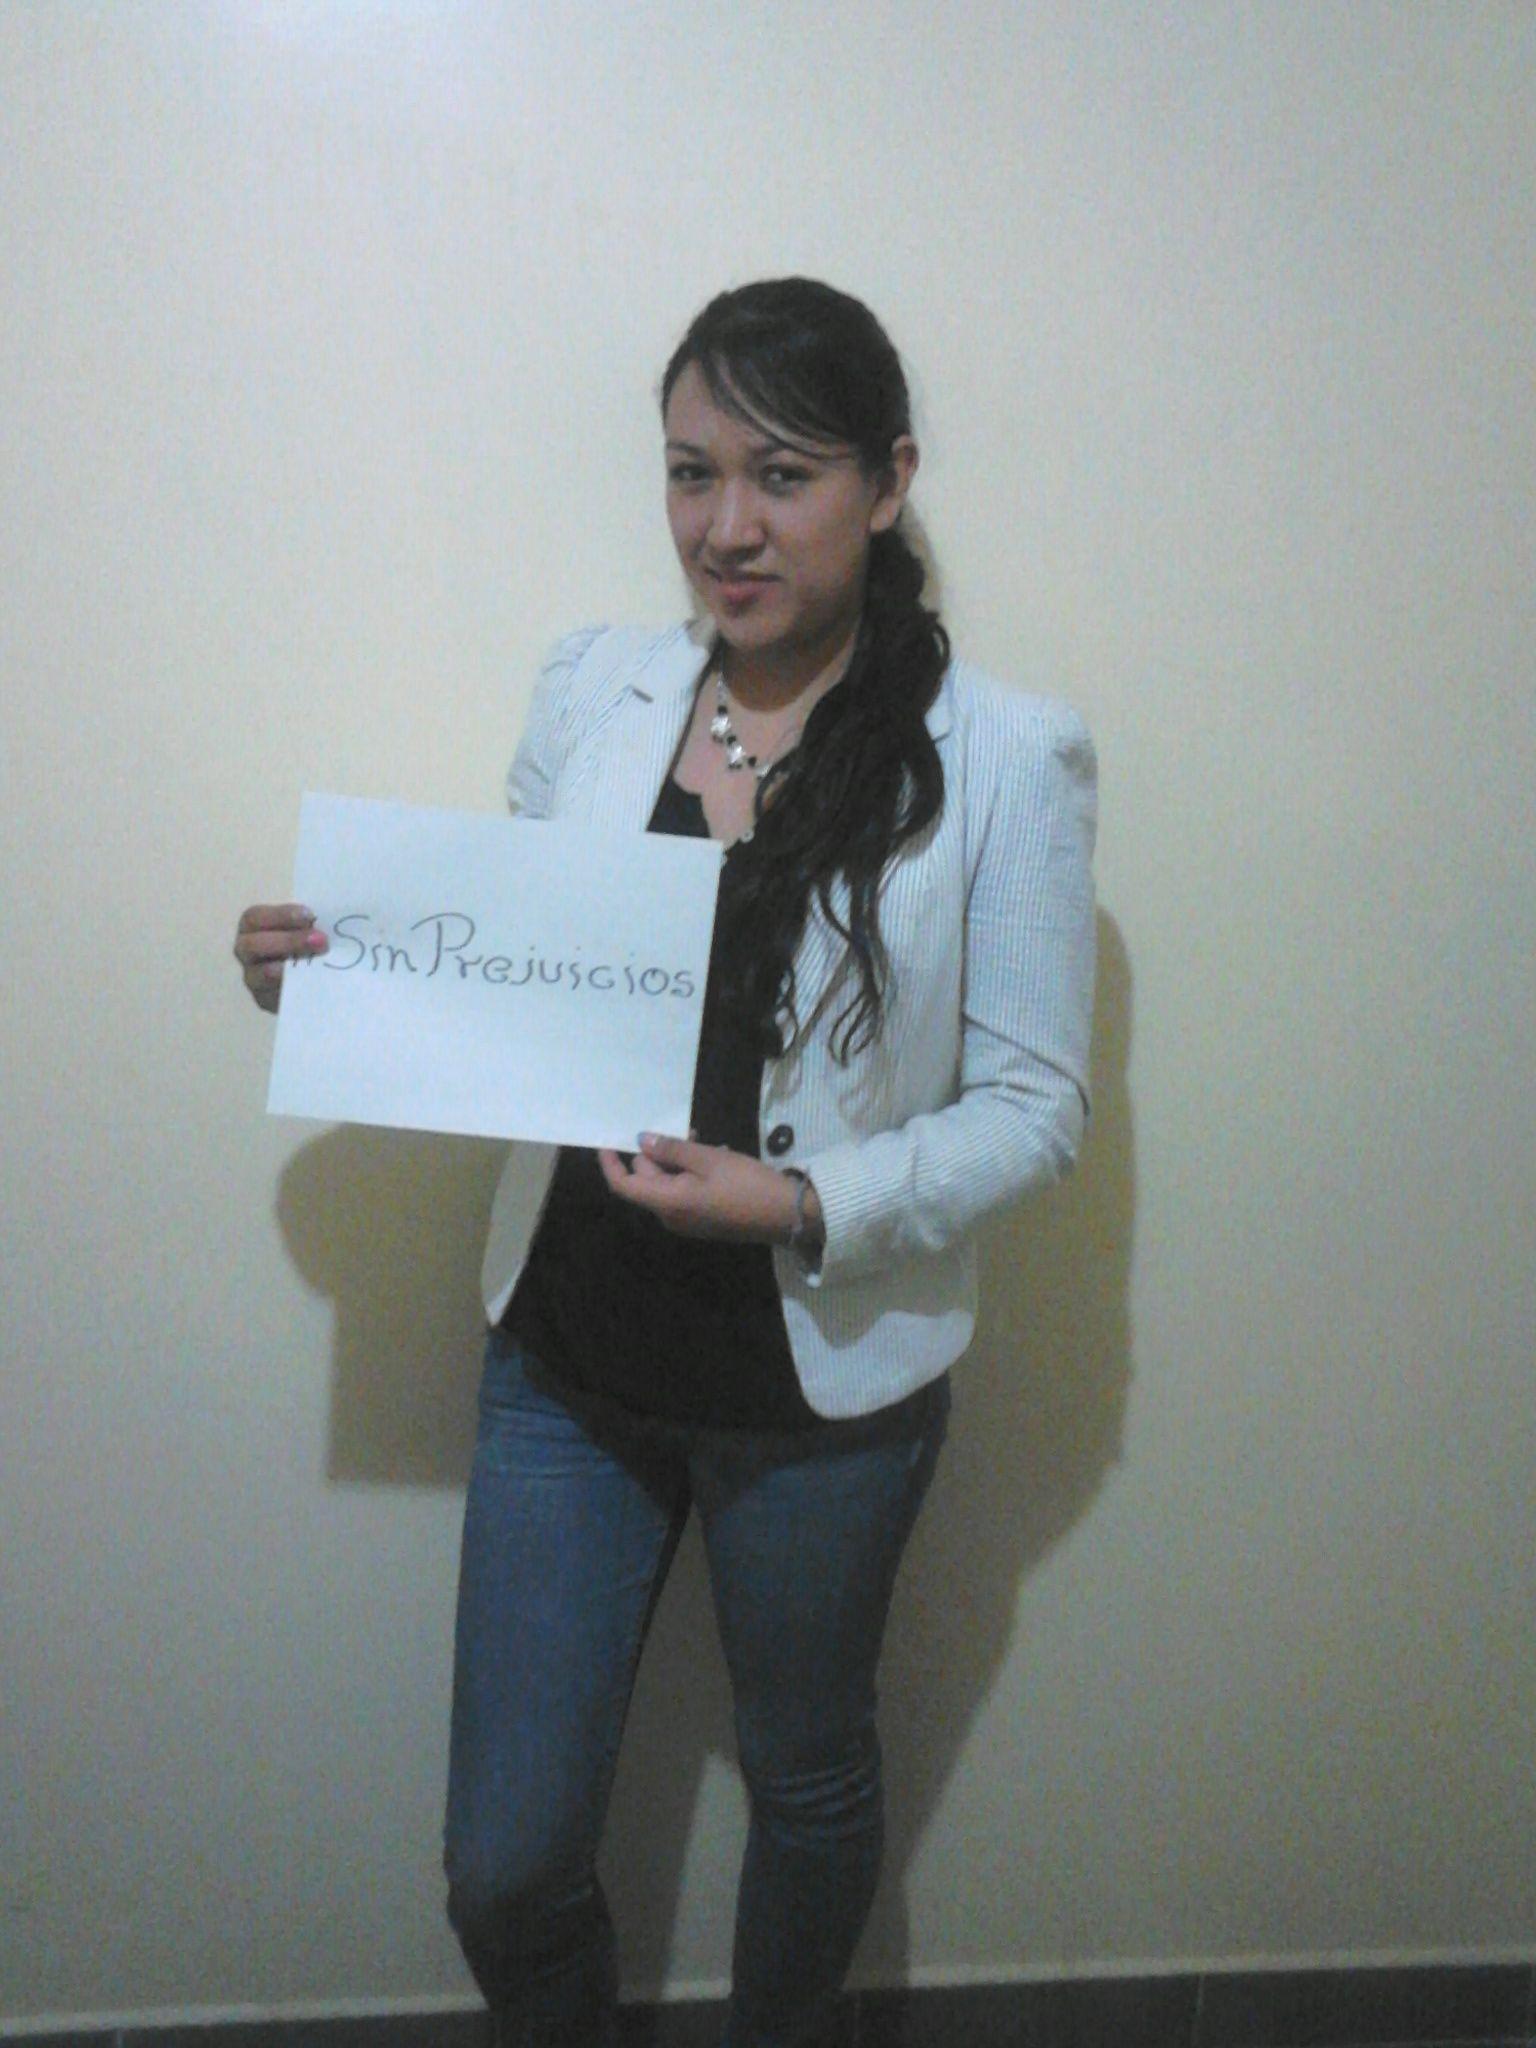 # sin prejuicios